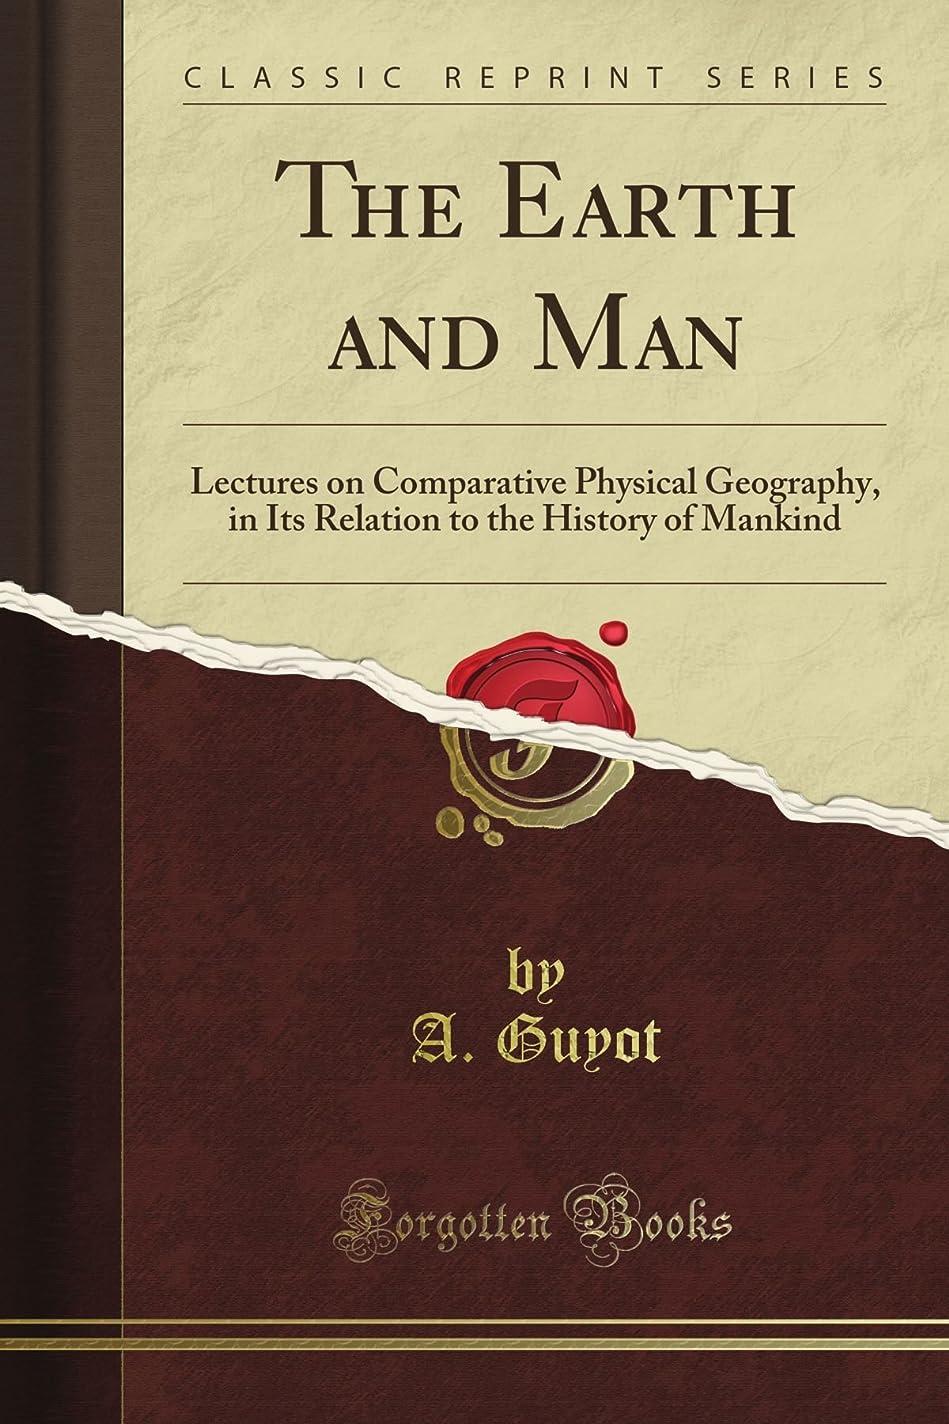 シールド味方処理するThe Earth and Man: Lectures on Comparative Physical Geography, in Its Relation to the History of Mankind (Classic Reprint)